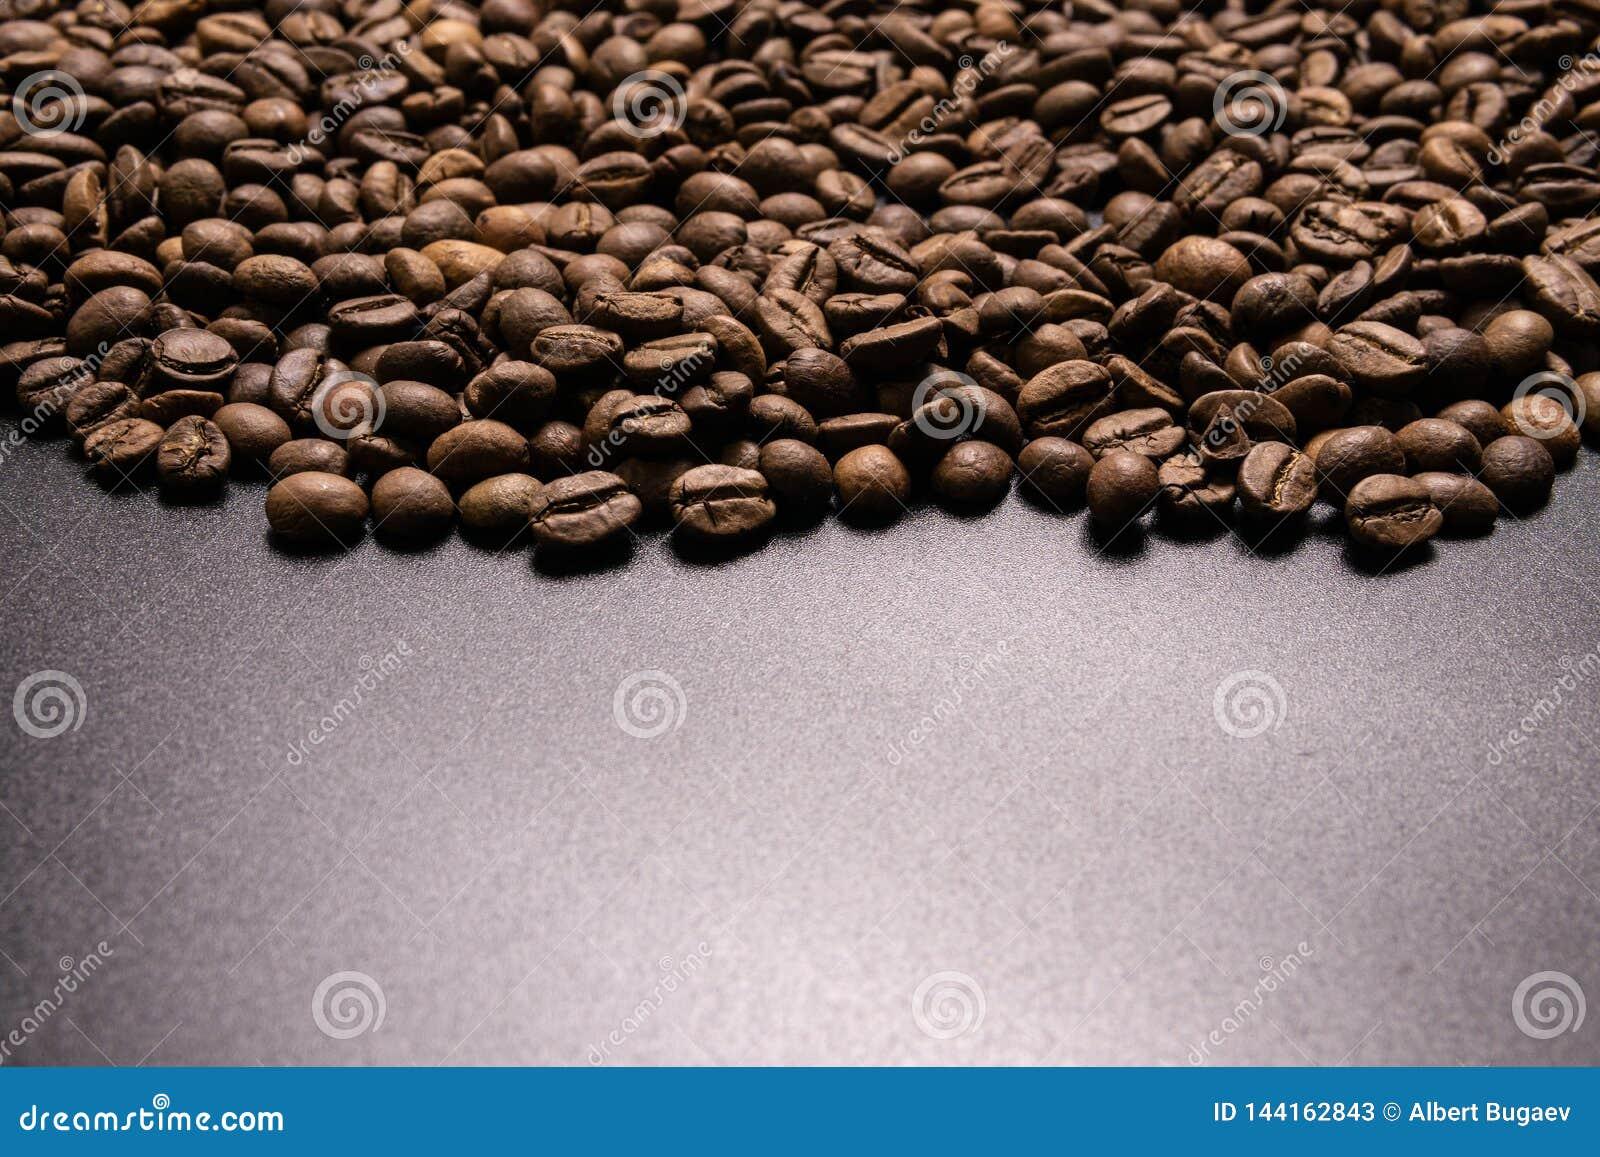 Grillade kaffeb?nor i massa p? en svart bakgrund shoppar den m?rka cofeen grillade kaf?t f?r kornanstrykningarom, naturlig coffe